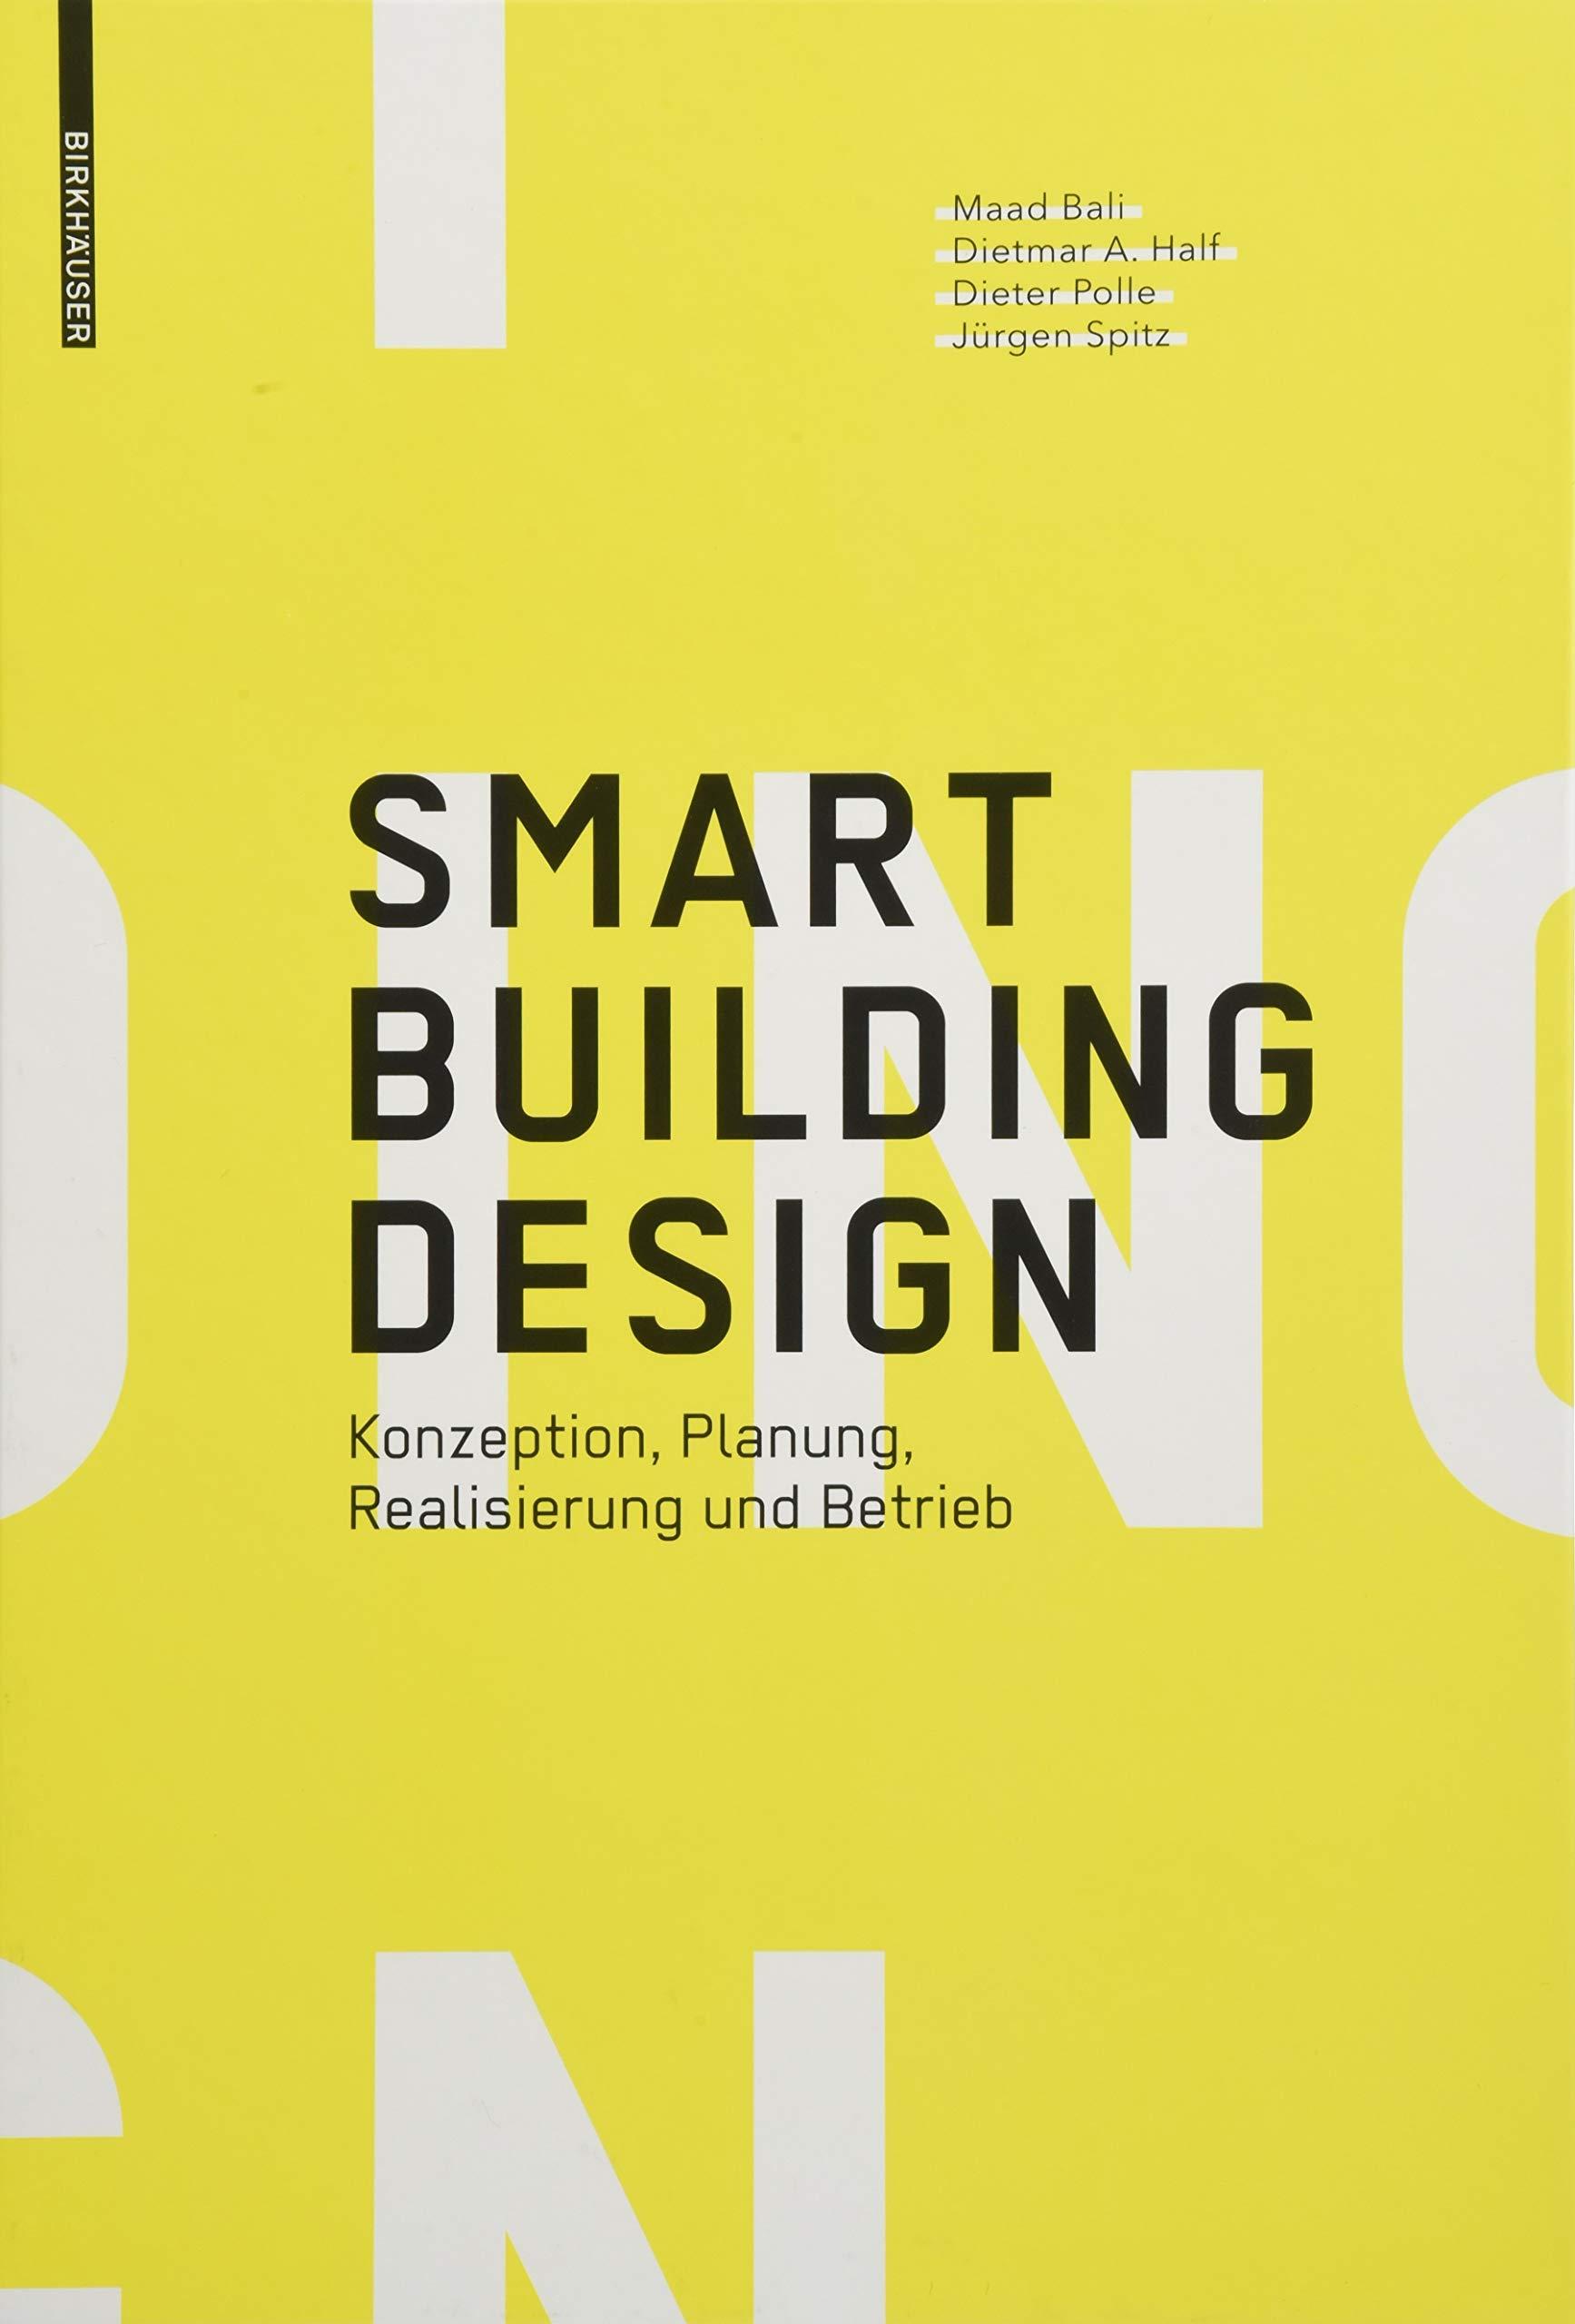 Smart Building Design: Konzeption, Planung, Realisierung und Betrieb